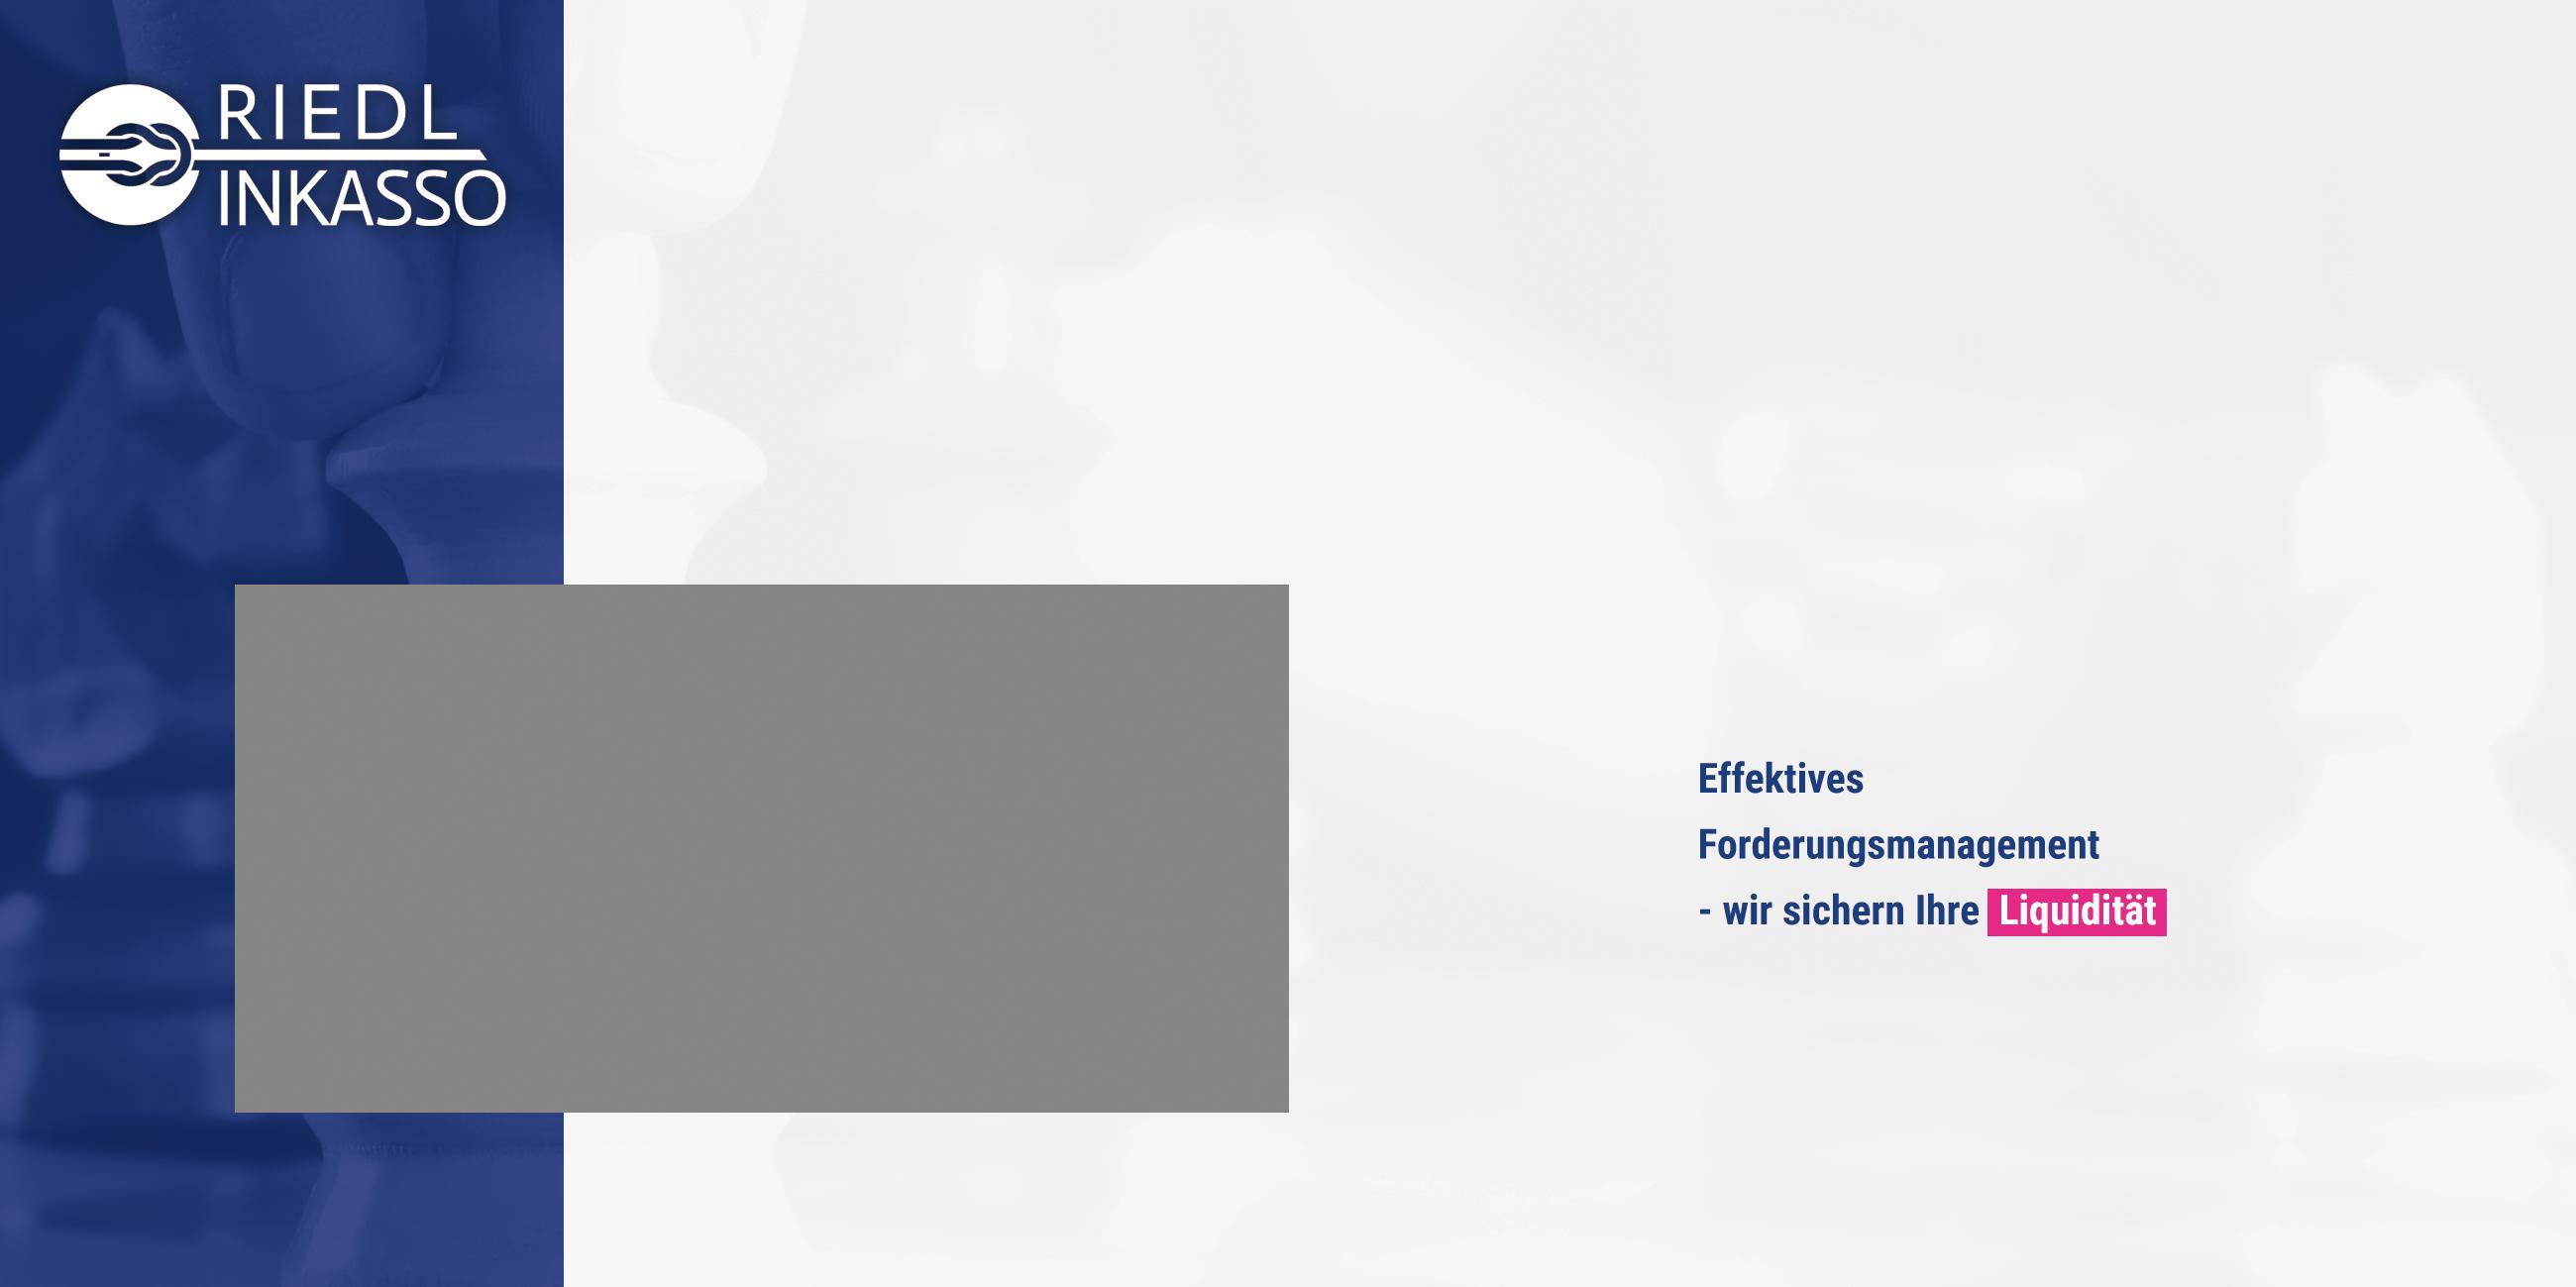 Briefumschläge im Corporate Design